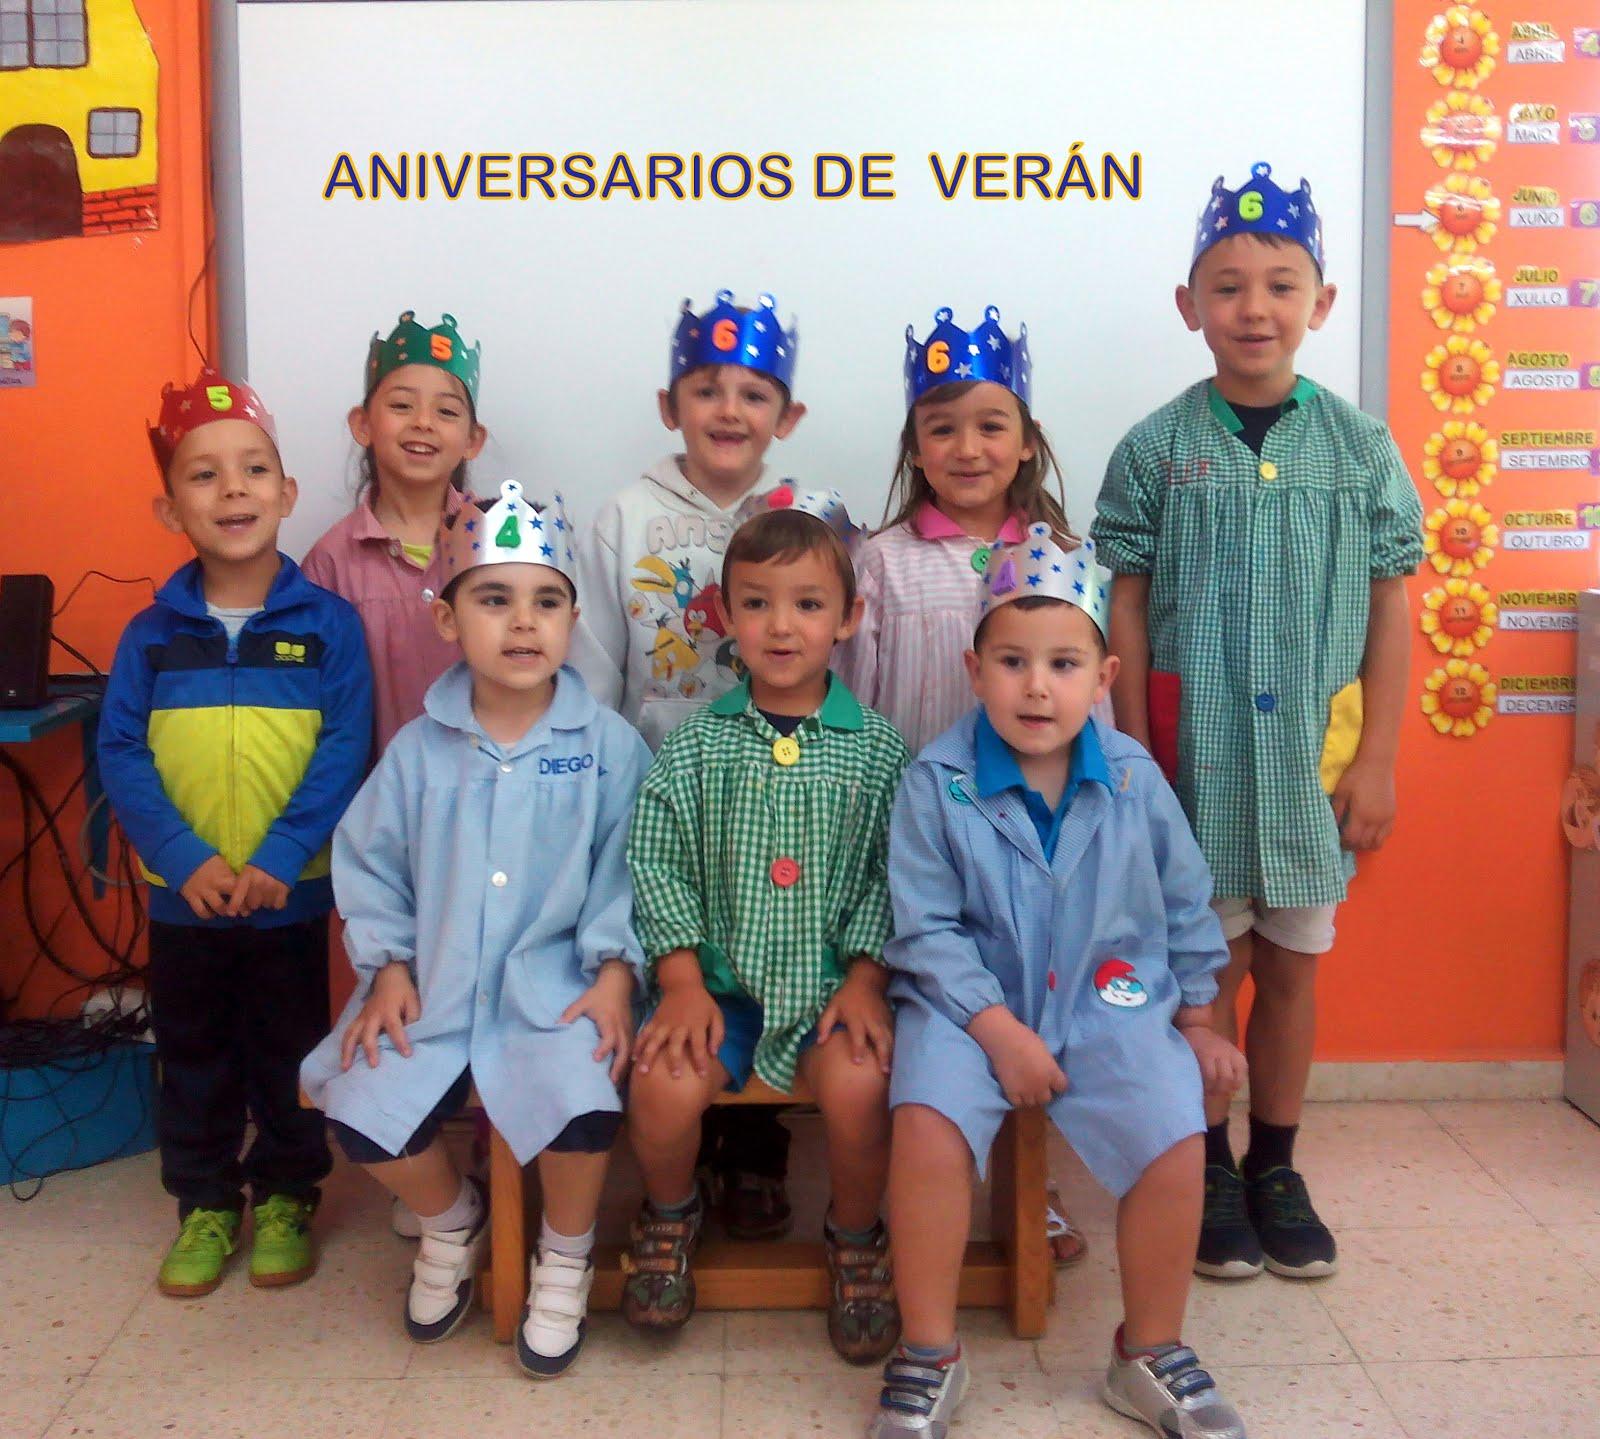 ANIVERSARIOS DE VERÁN